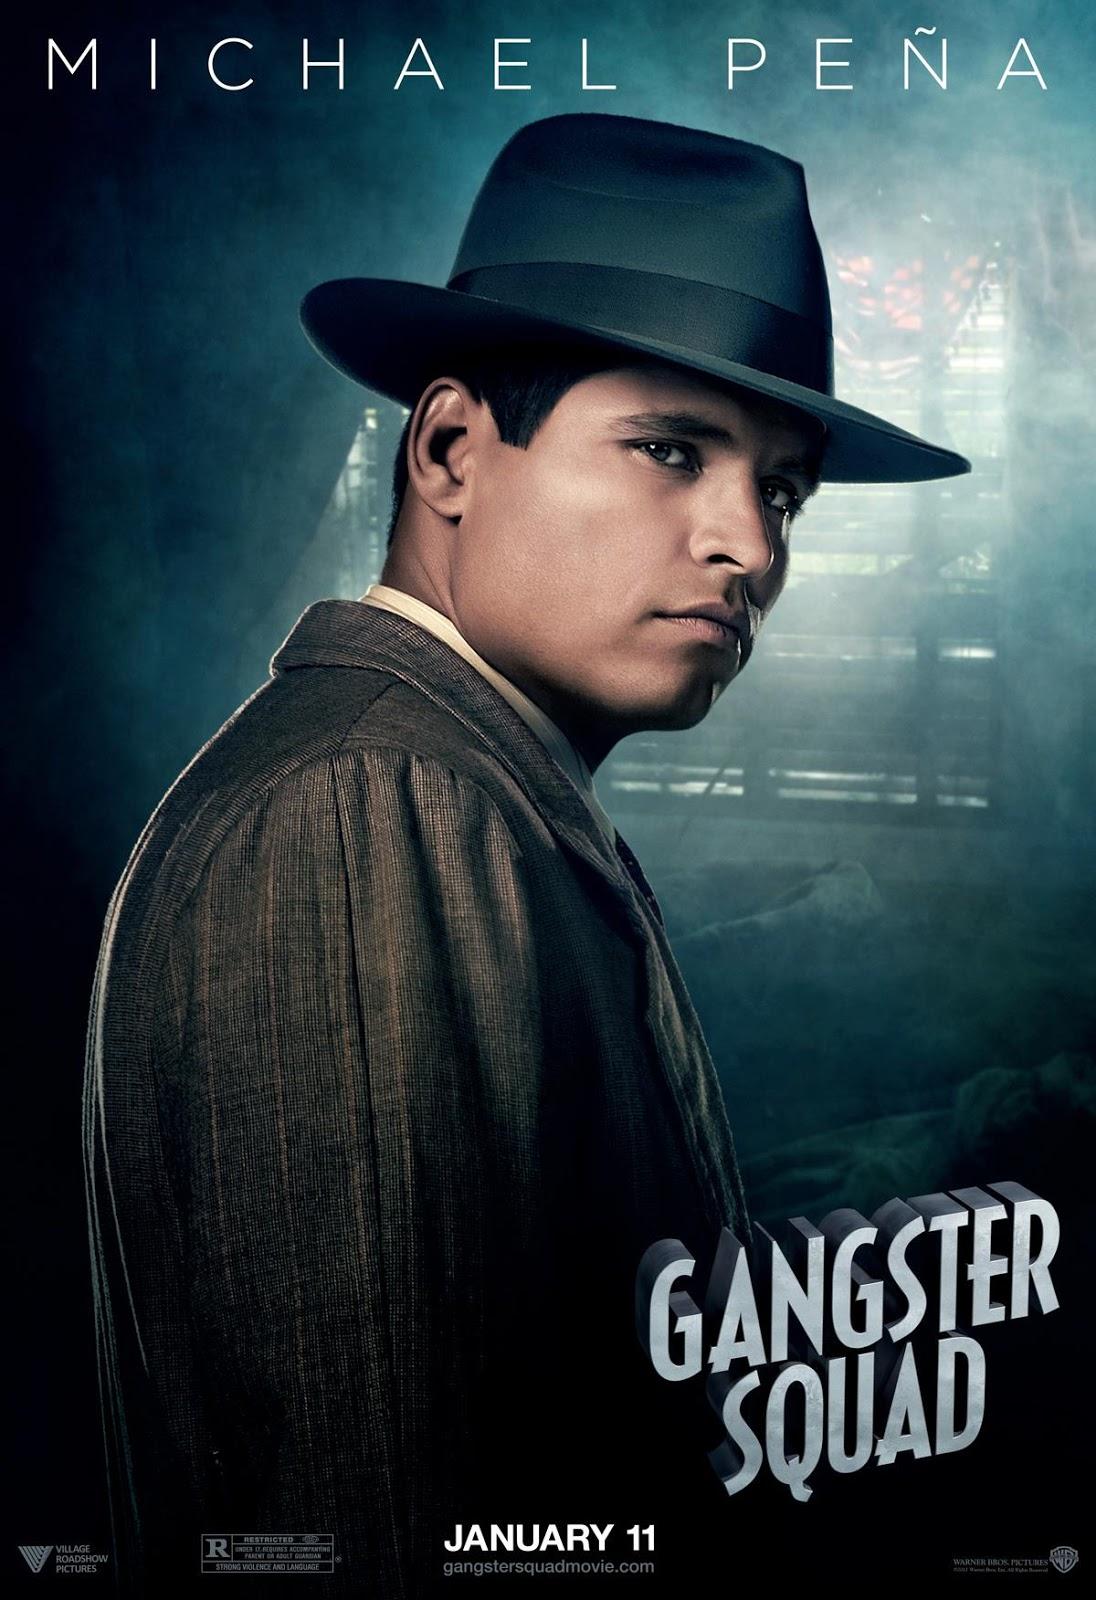 http://1.bp.blogspot.com/-ya3HrOp8NHw/UKmMGEAbg3I/AAAAAAAAVFQ/MC0XJzs8f5I/s1600/gangster-squad-poster-michael-pena.jpg